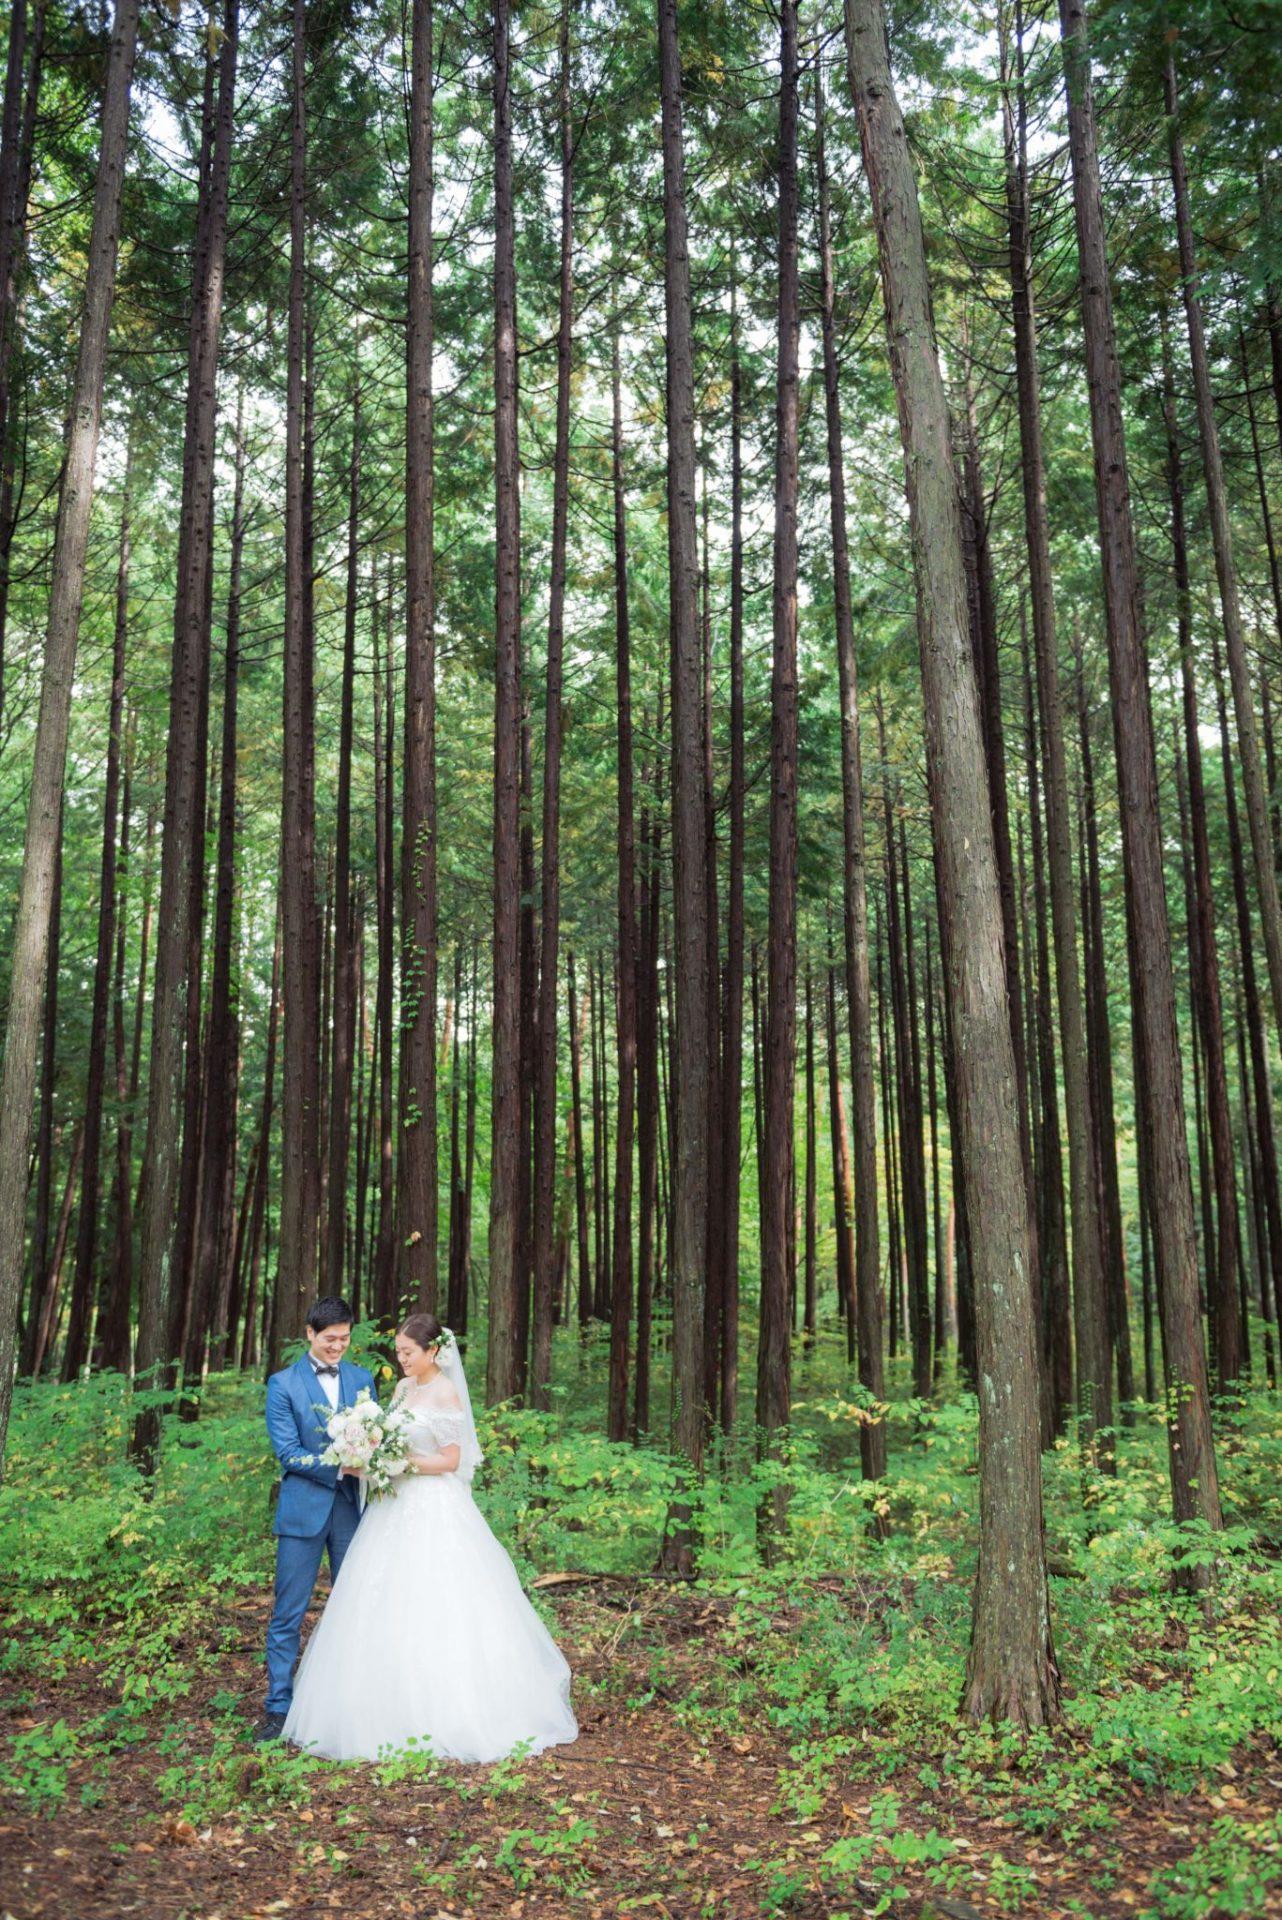 べるが(verga)での結婚式-新郎新婦